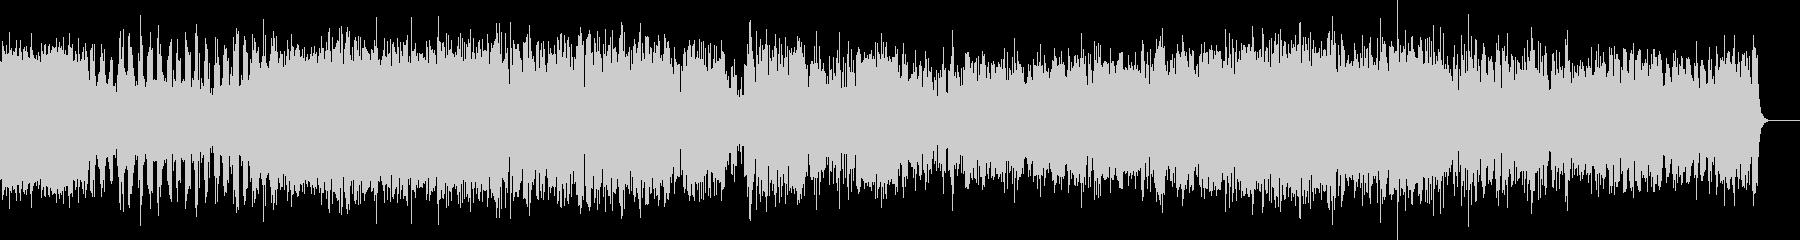 AMGアナログFX 17の未再生の波形